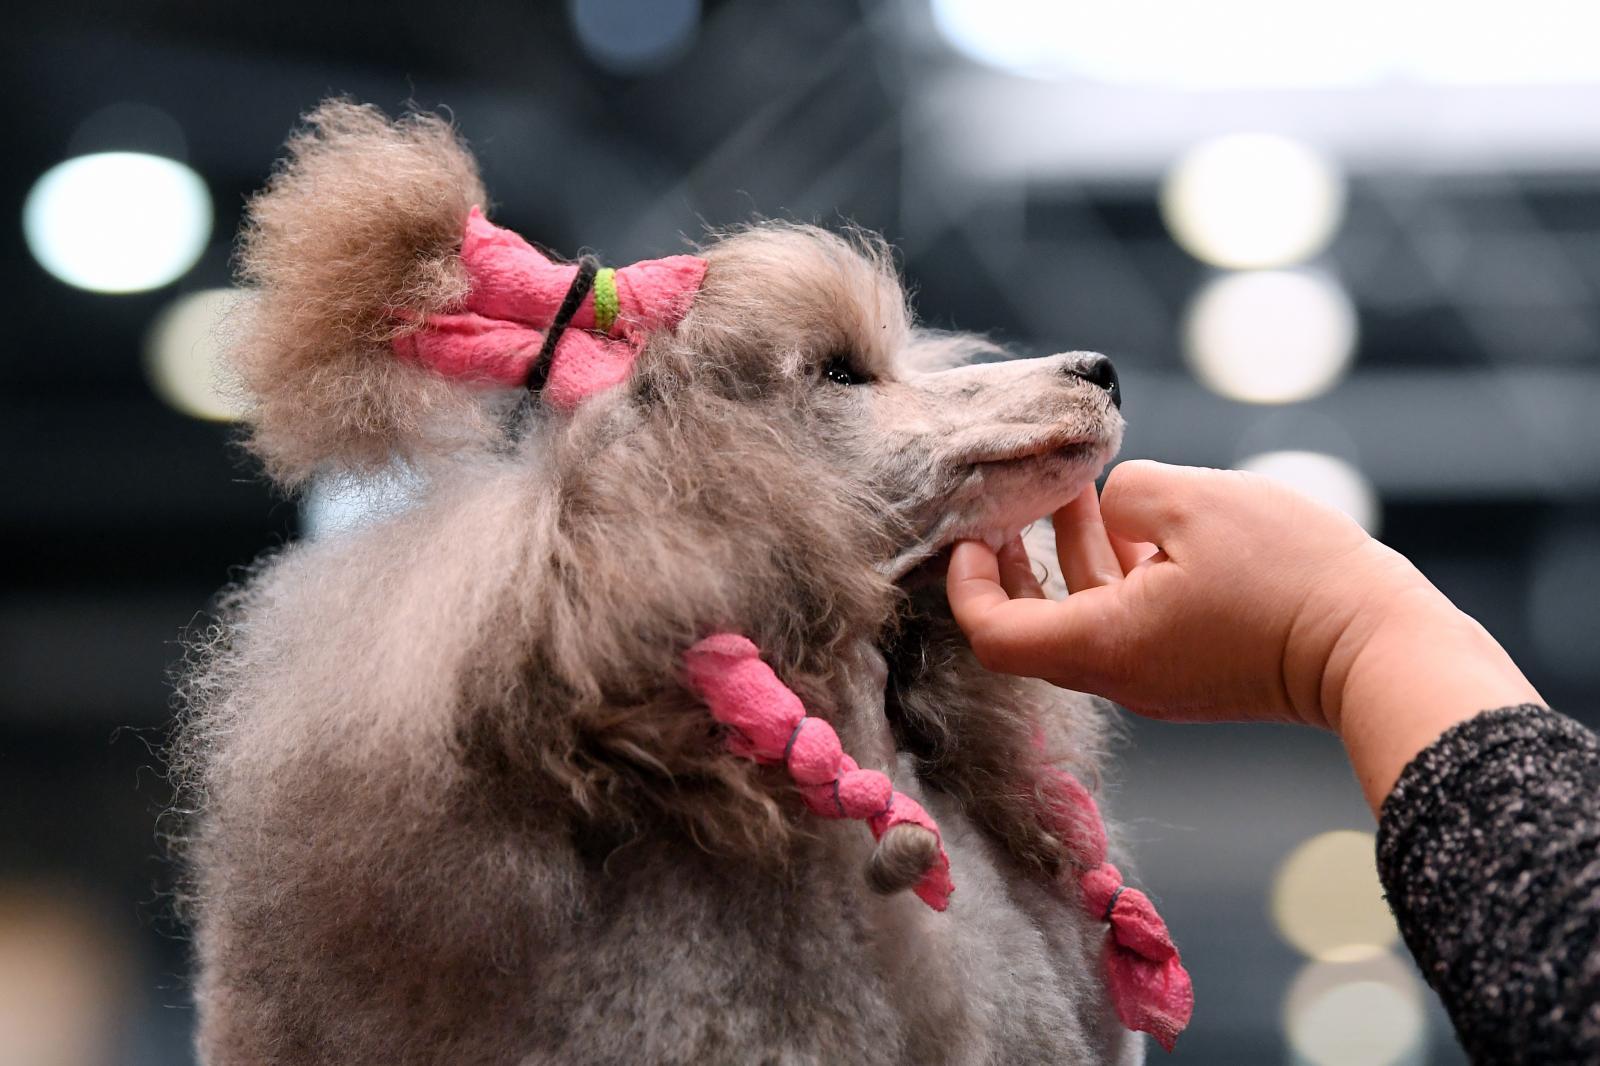 คนโสดเฮ! เลี้ยงสุนัขลดเสี่ยงเป็นโรคหลอดเลือดหัวใจ 33%